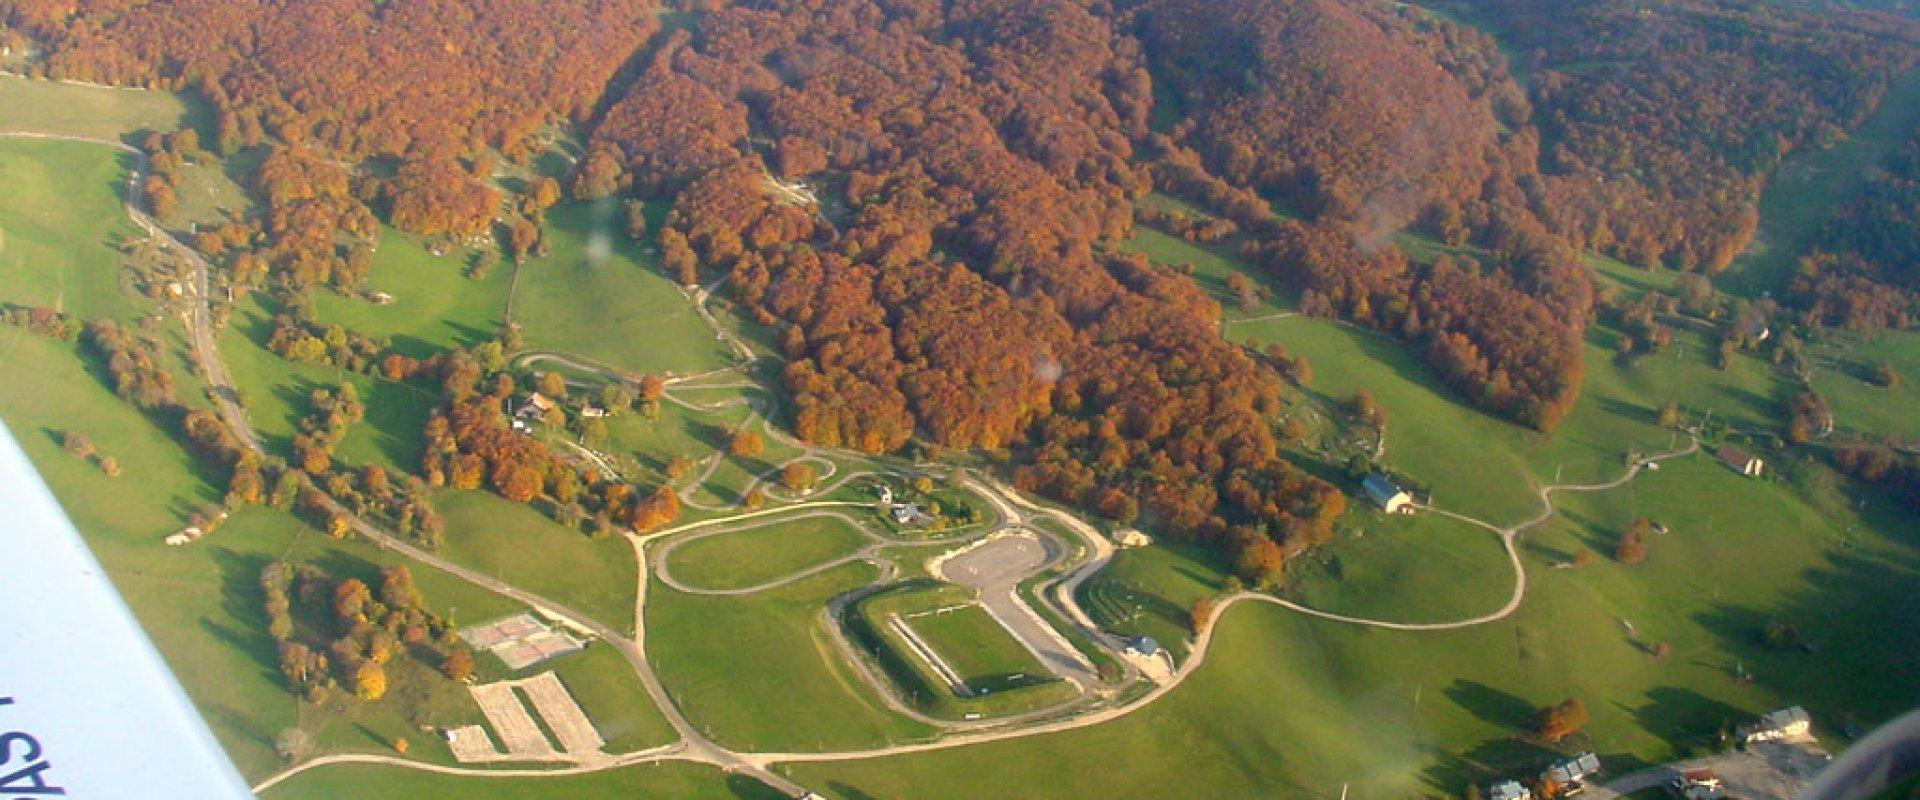 Stade de biathlon des Plans d'Hotonnes